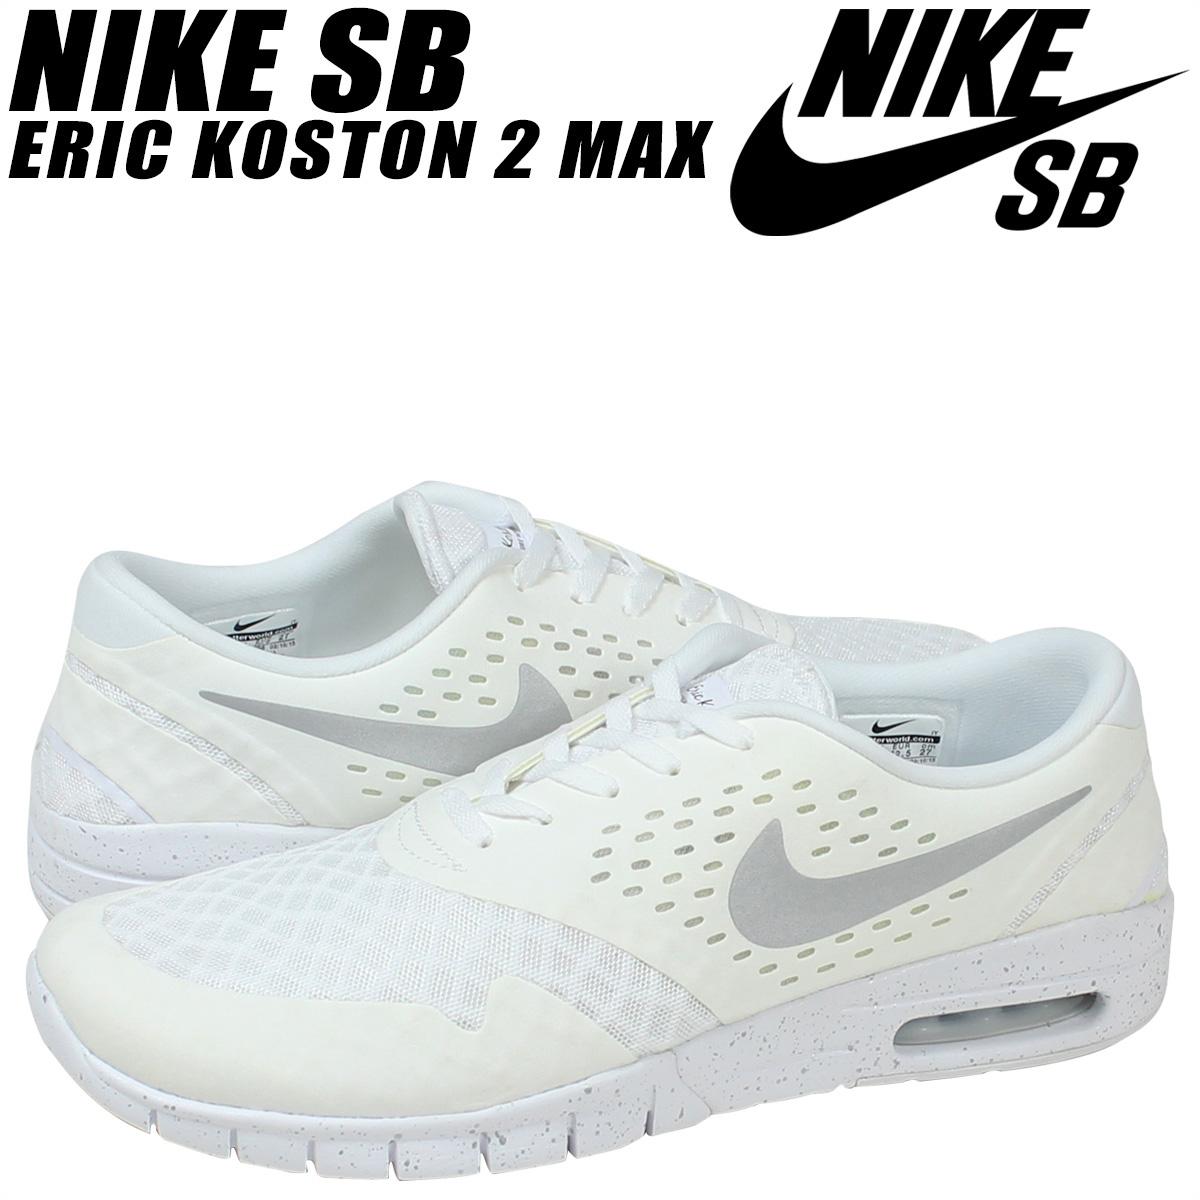 Nike NIKE SB Eric Koss ton sneakers ERIC KOSTON 2 MAX 631,047 100 men's white